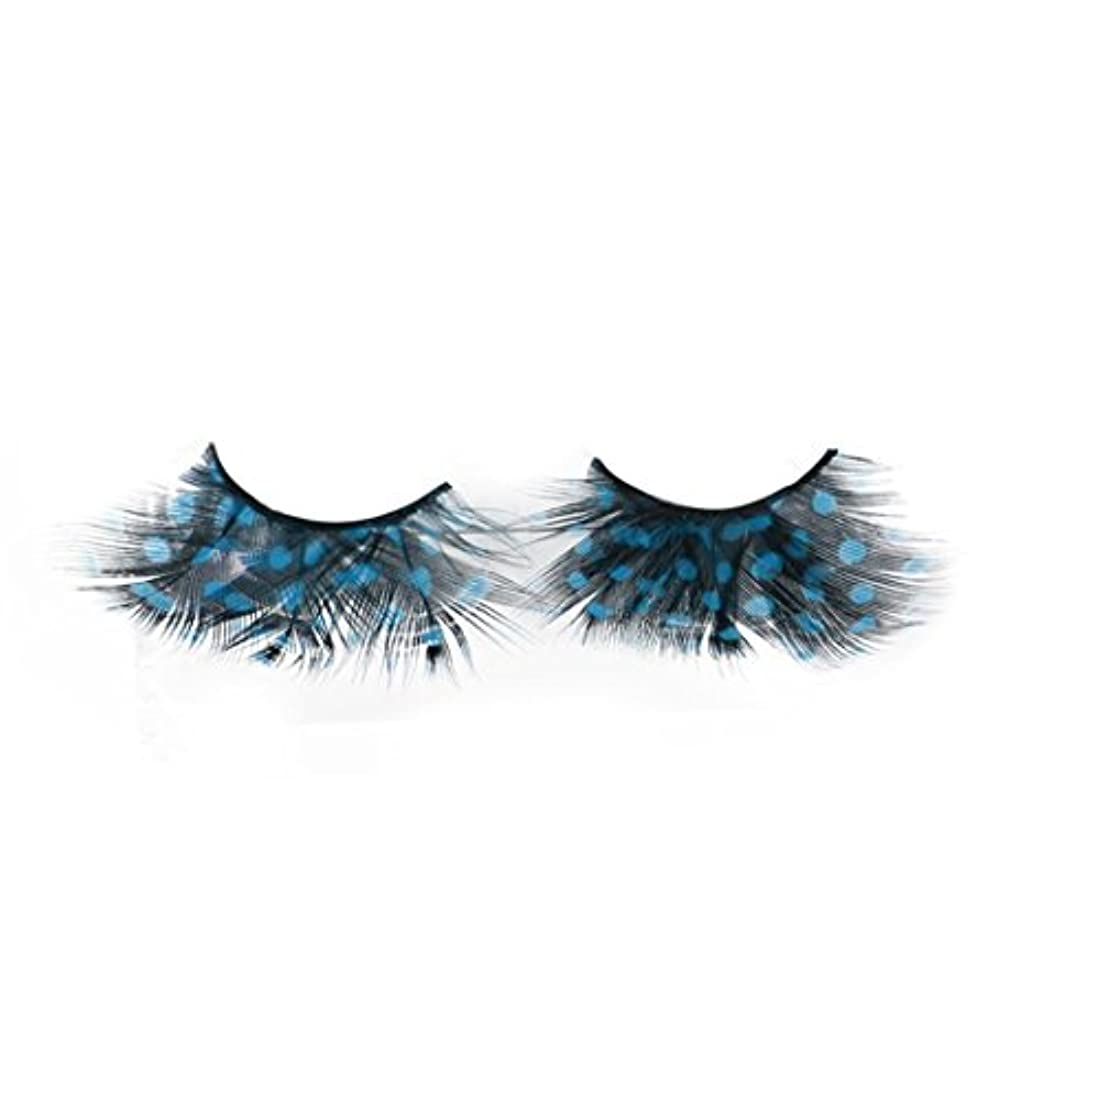 確立ホイール白鳥Feteso 1ペア つけまつげ 上まつげ Eyelashes アイラッシュ ビューティー まつげエクステ レディース 化粧ツール アイメイクアップ 人気 ナチュラル 飾り 柔らかい 装着簡単 綺麗 濃密 羽毛のまつげ